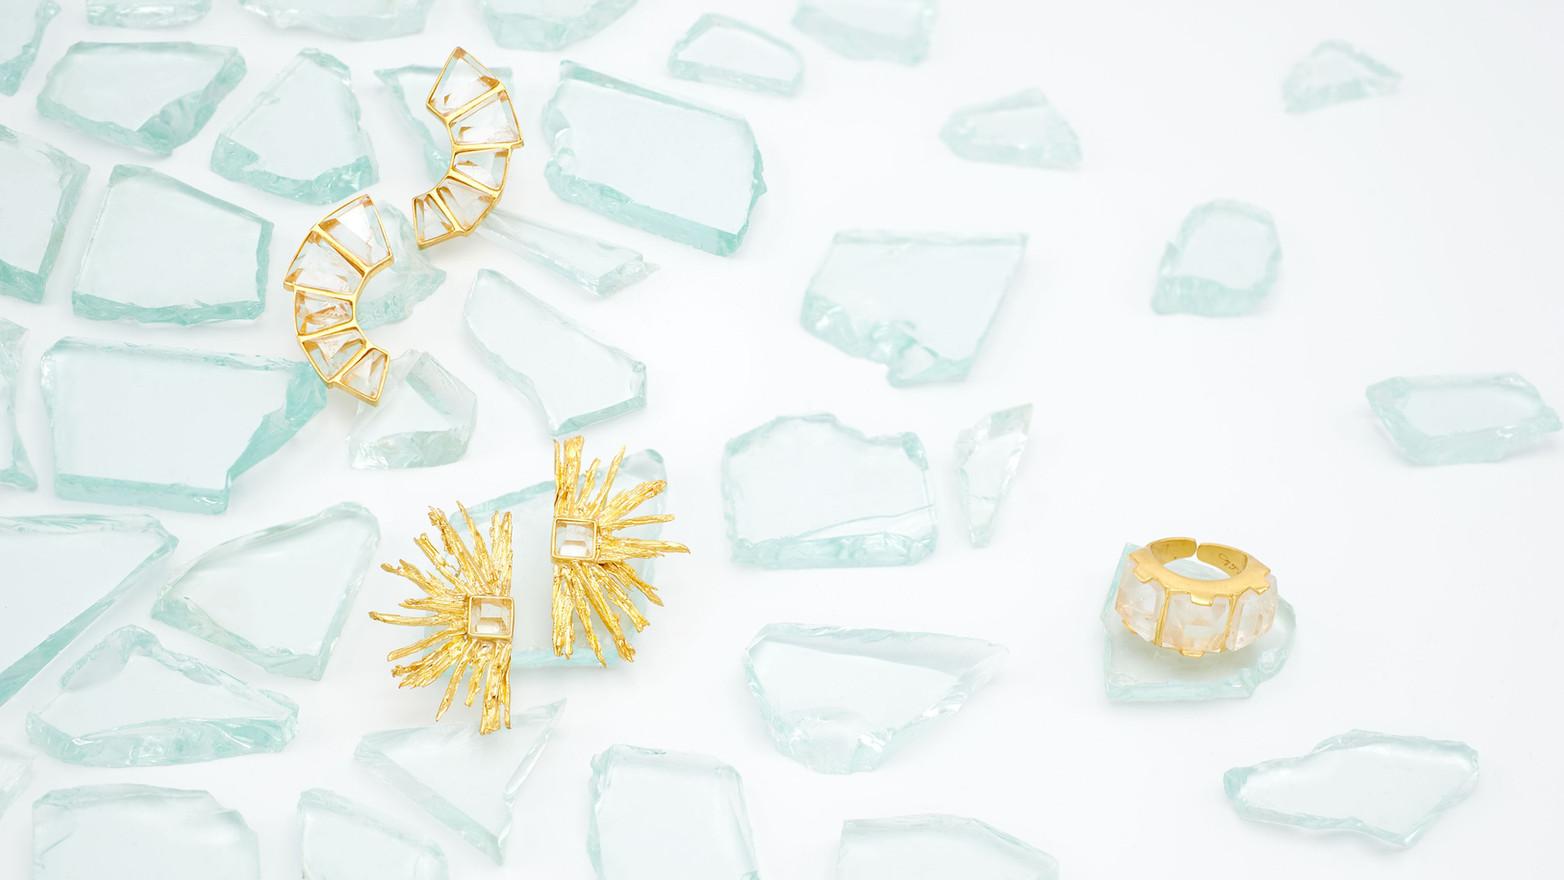 Schmuckstücke aus der Sélection Actuelle mit Schmuck aus der Winter Kollektion mit zwei Paar kristallbesetzen Goldohrringen und einem kristallbesetzen goldenen Ring